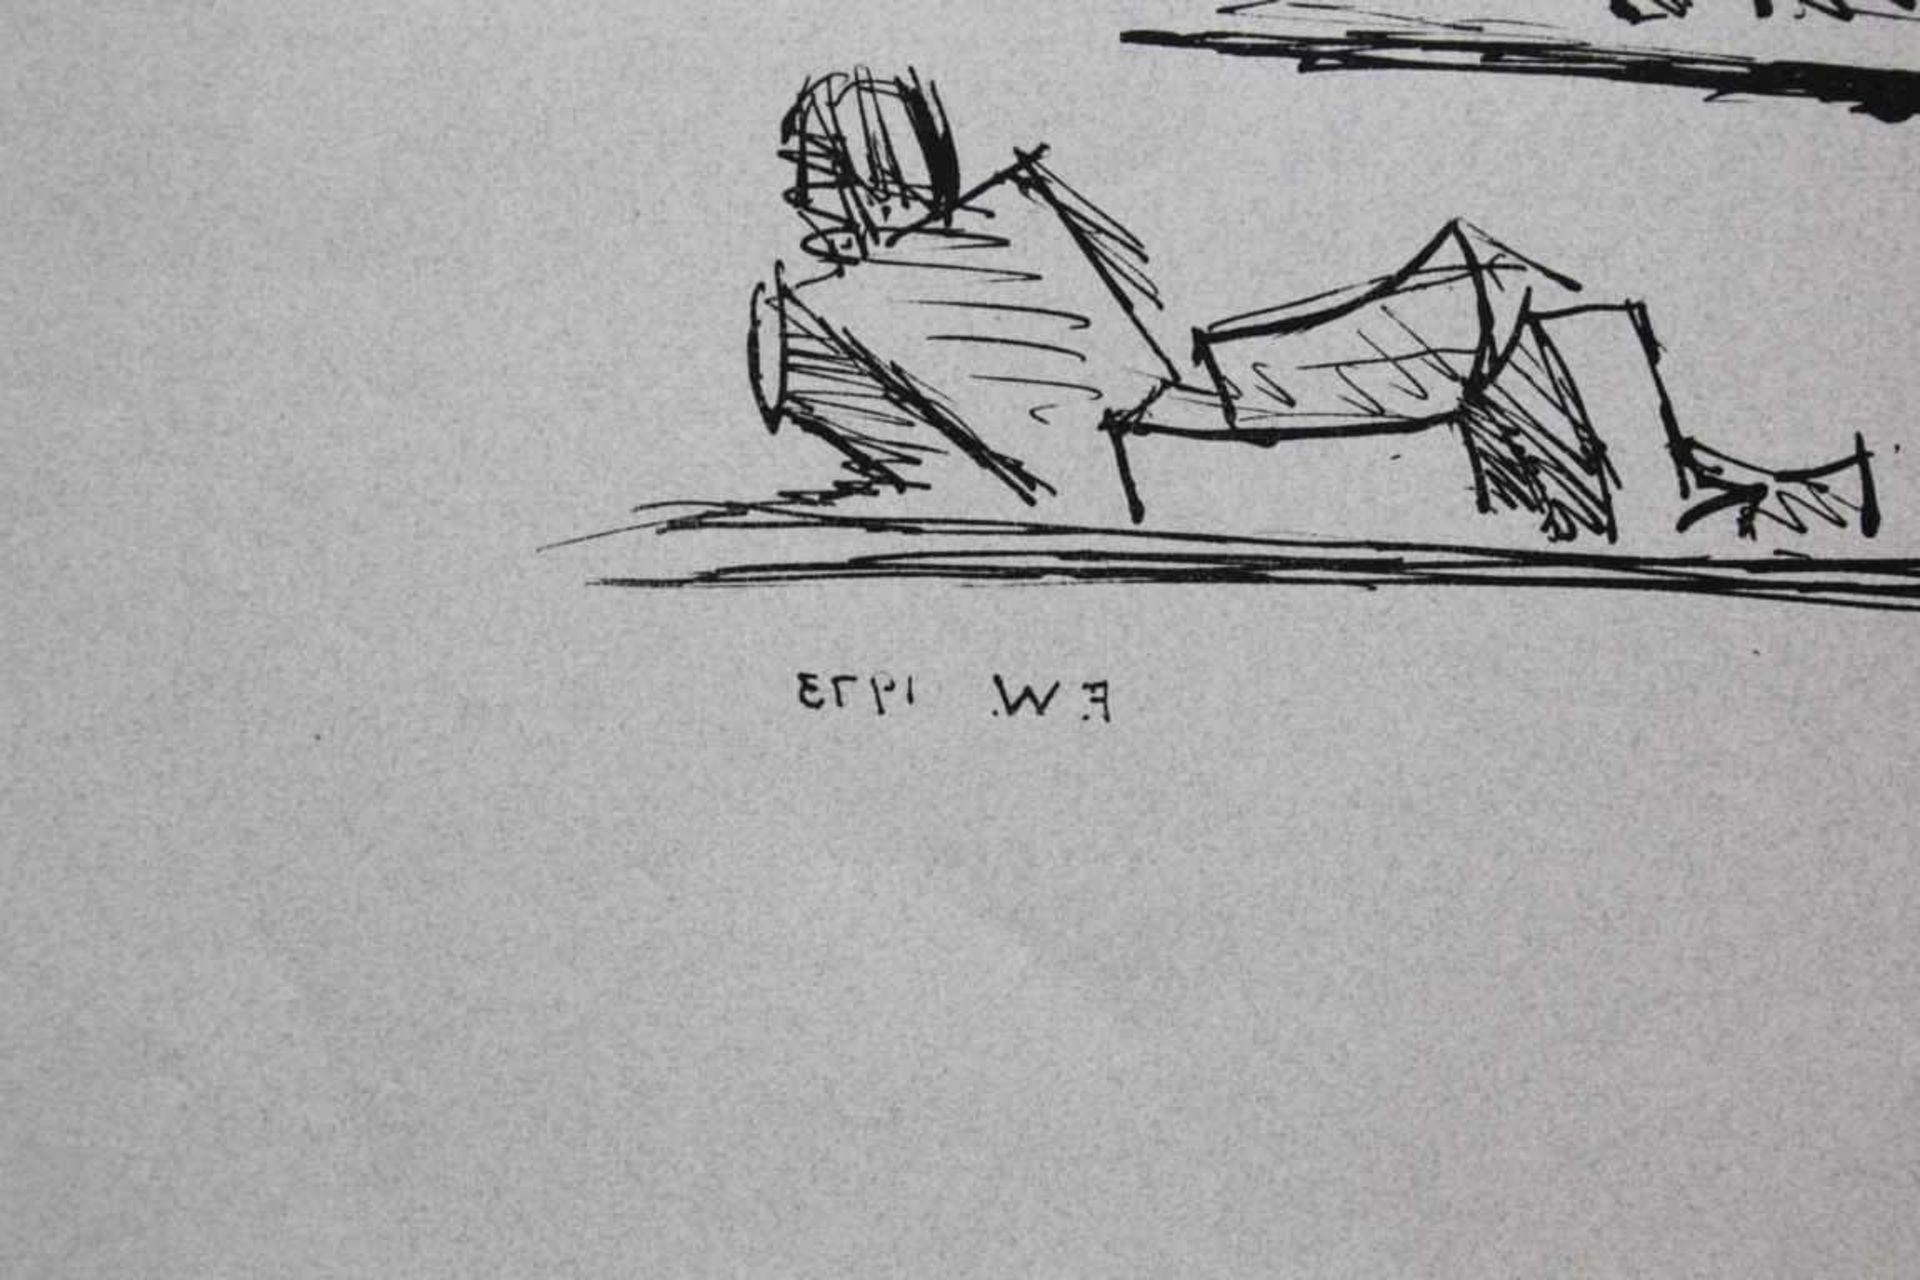 Los 116 - Wotruba Fritz (1907-1975) Skizze 1973 Lithographie Monogramm und Datum in Druckplatte 50 x 65 cm